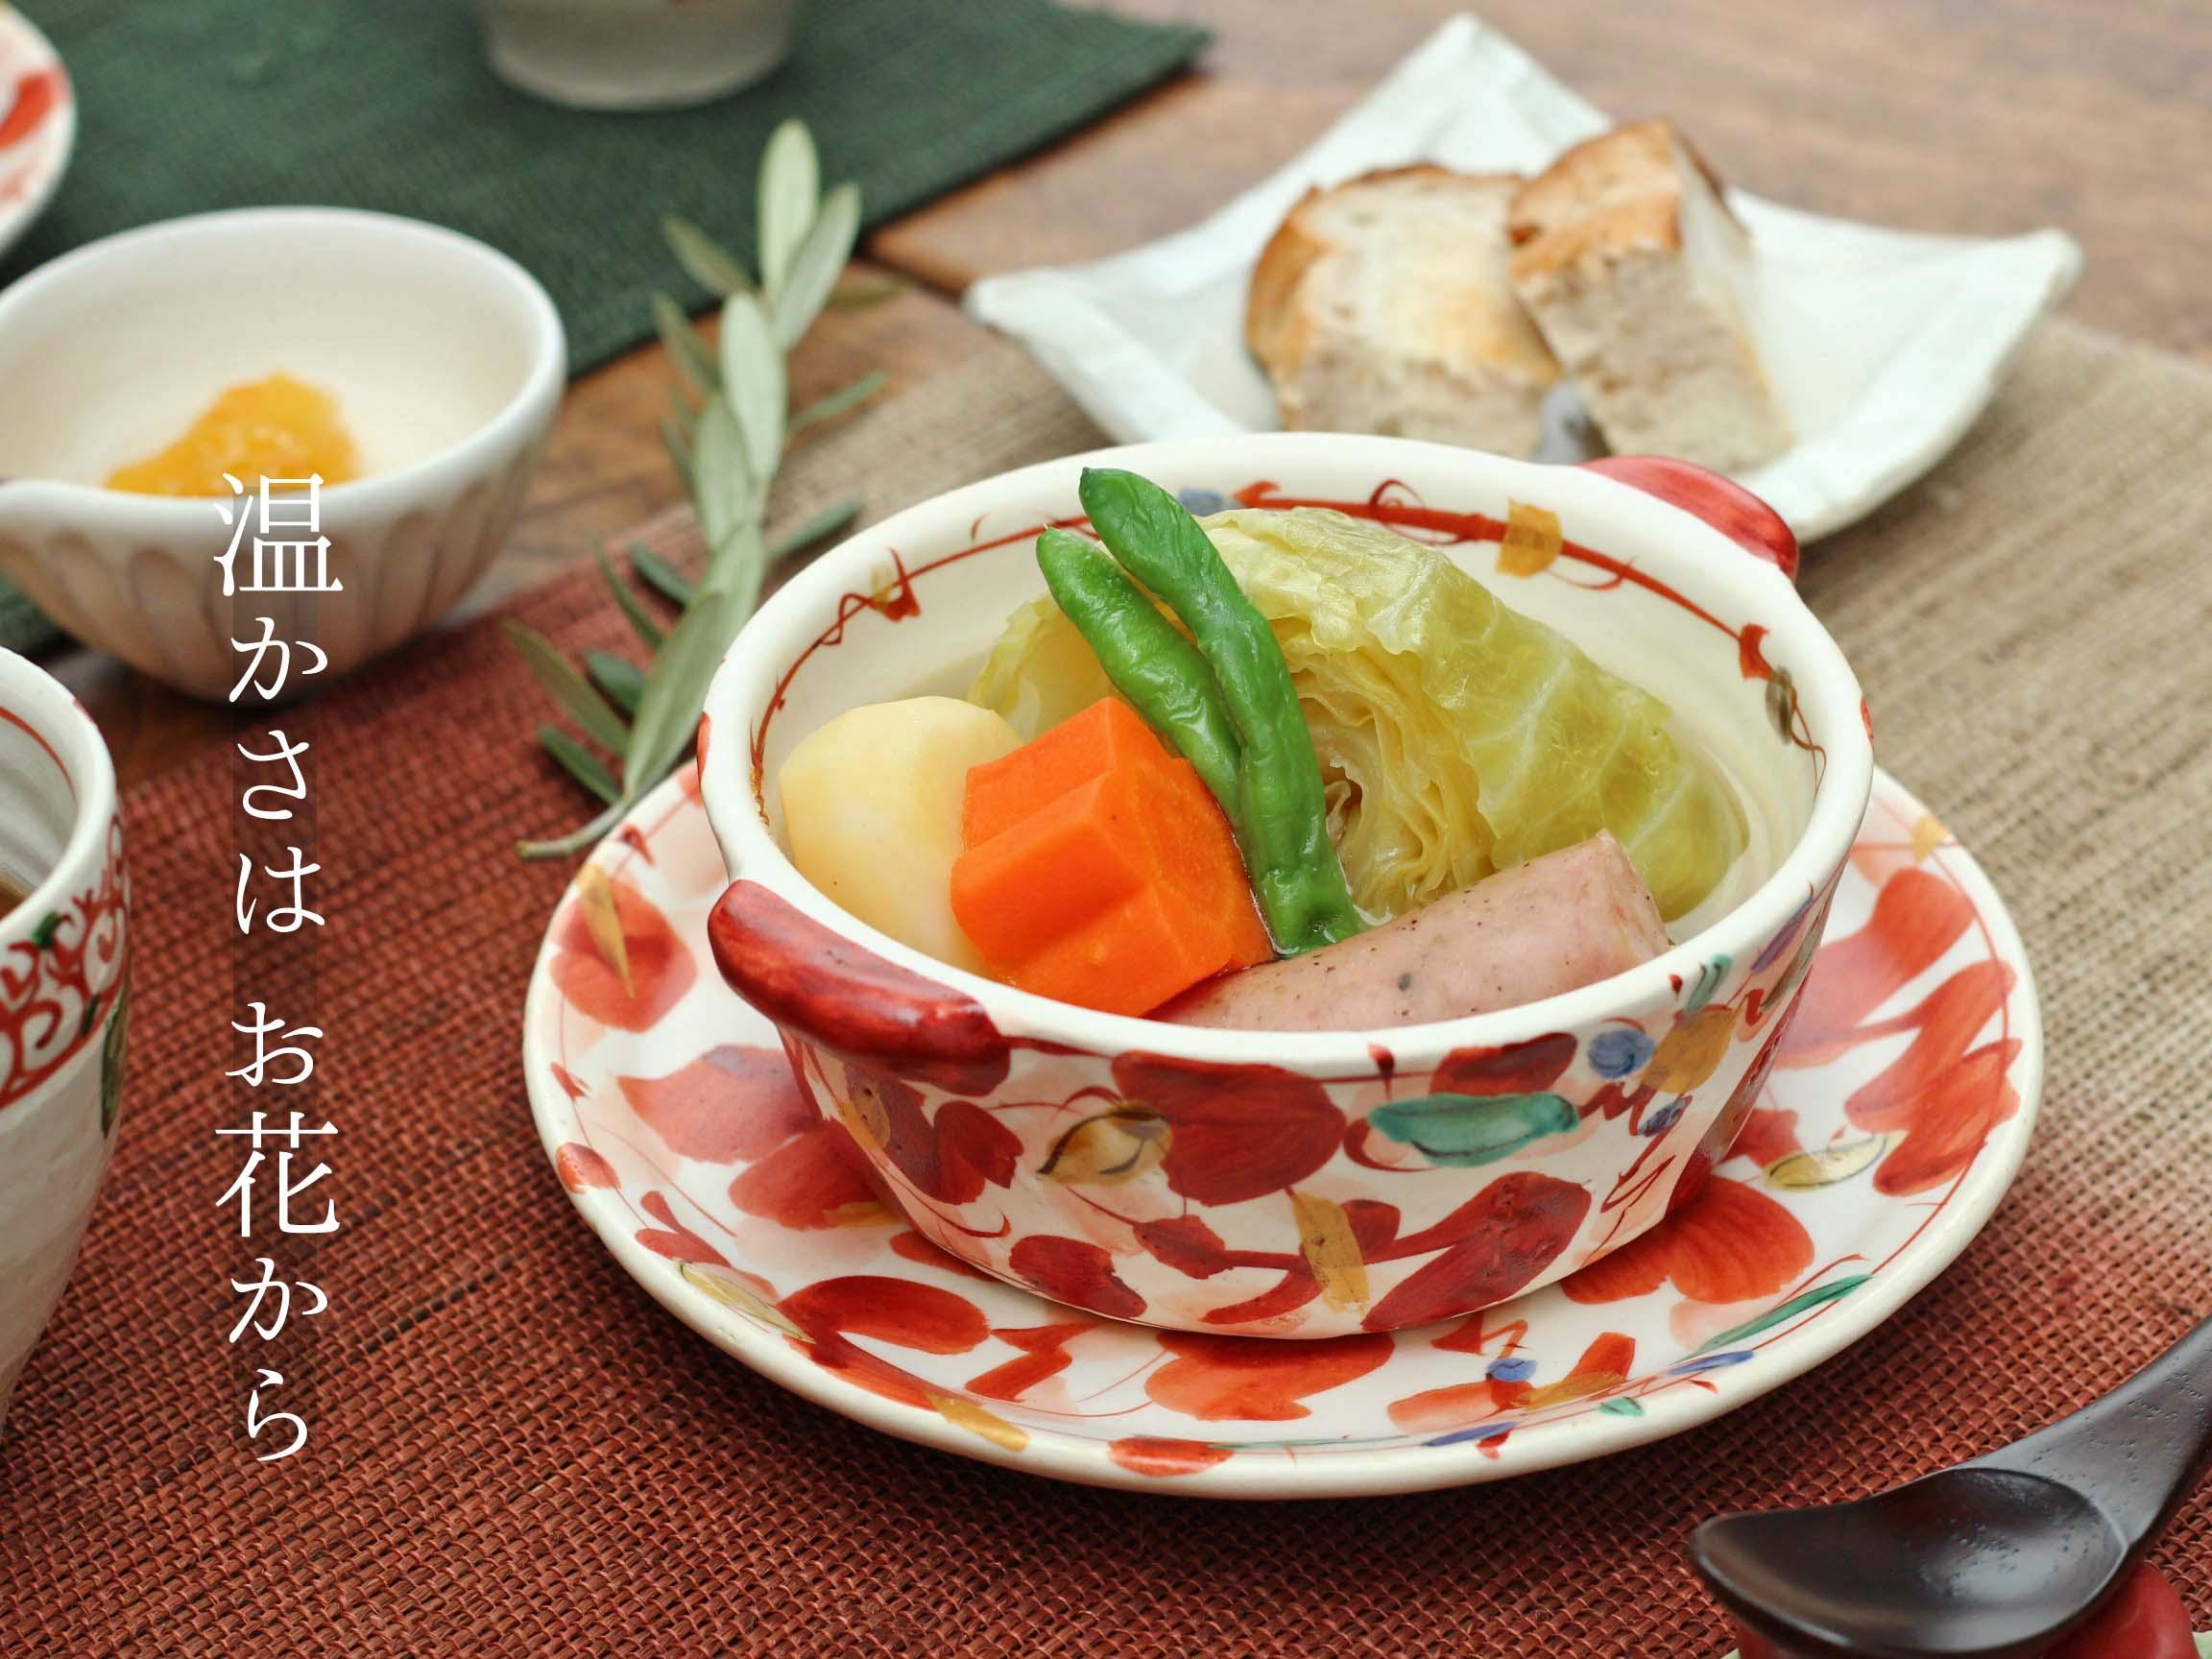 赤絵花舞グラタン皿鉢